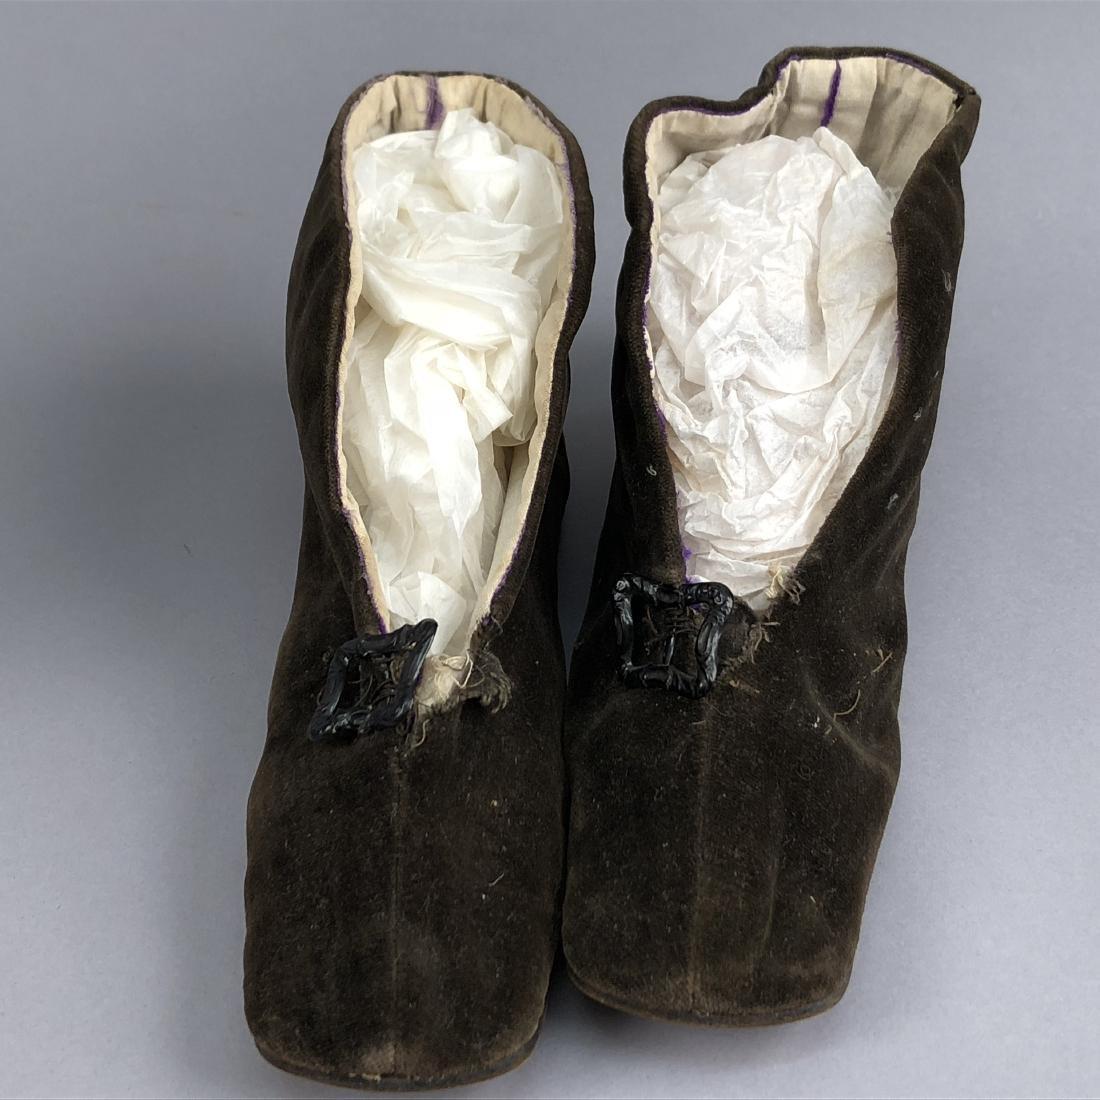 THREE PAIR WOMEN'S SLIPPERS, 1840s - 1850s - 2